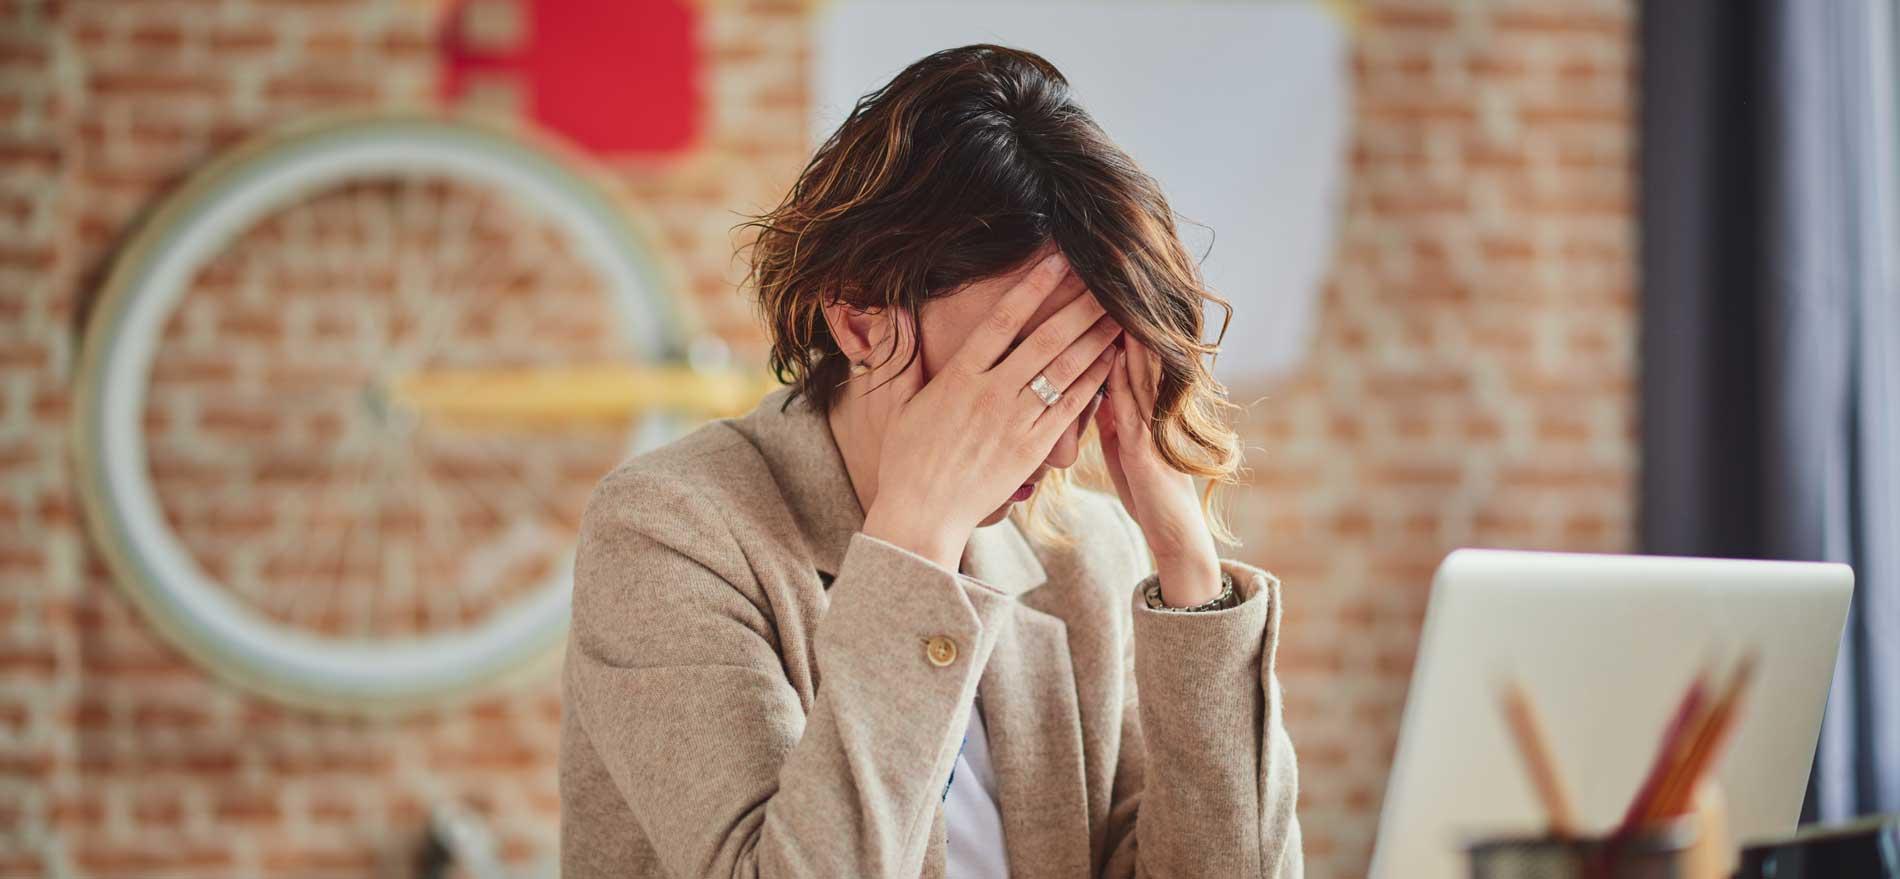 Psychosoziale Risikofaktoren gewinnen vor allem bei Frauen an Bedeutung